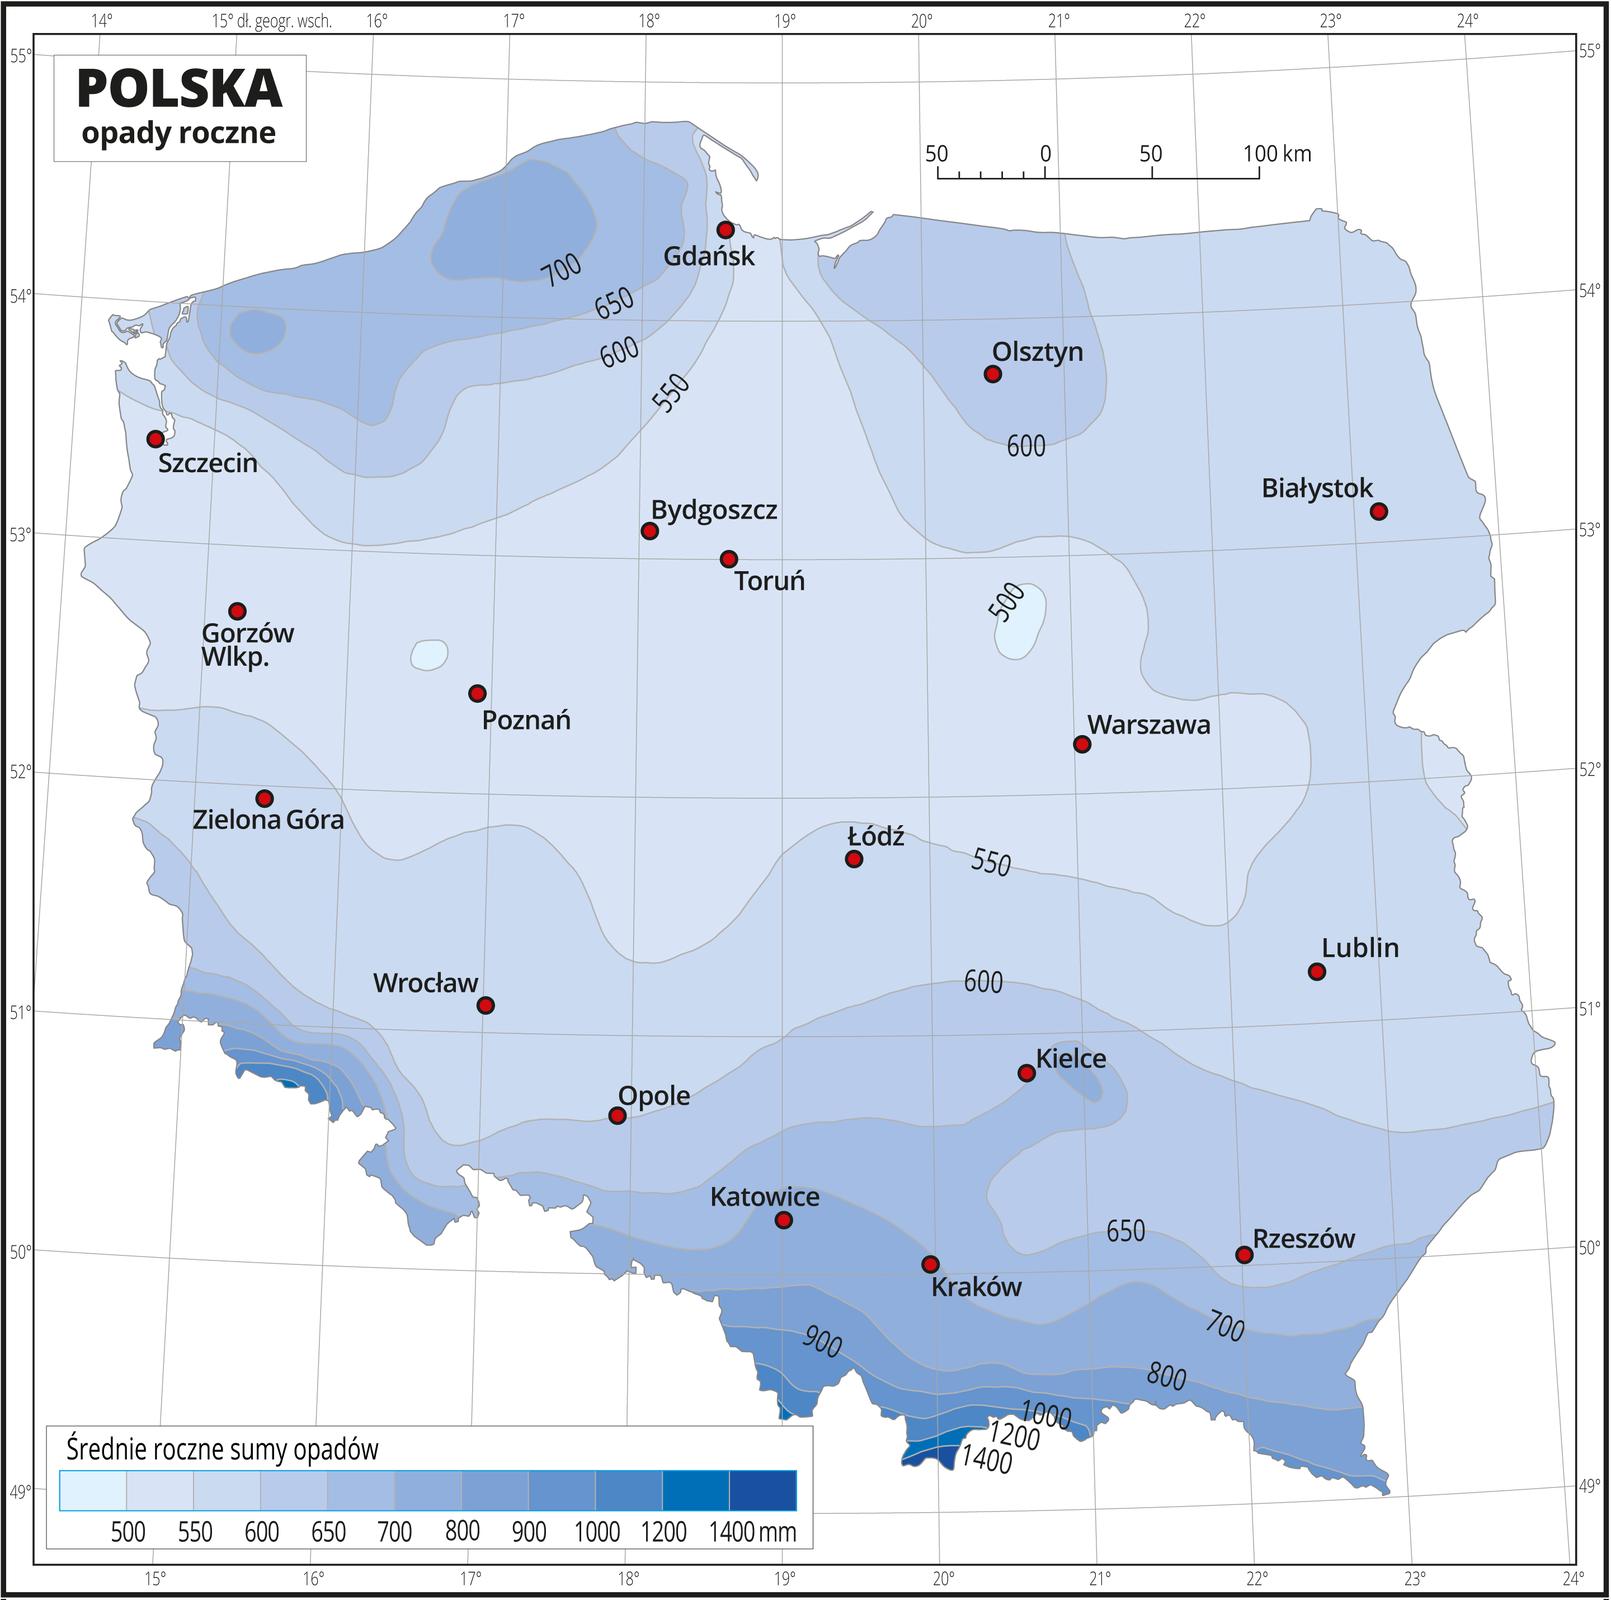 Ilustracja przedstawia mapę Polski. Na mapie odcieniami koloru niebieskiego zaznaczono średnie roczne sumy opadów. Na izohietach opisano średnie roczne sumy opadów. Centralną część mapy zajmuje kolor jasnoniebieski przechodzący wciemnoniebieski wkierunku północnym ipołudniowym. Najciemniejszy niebieski jest na południu. Czerwonymi punktami zaznaczono miasta wojewódzkie. Mapa pokryta jest siatką równoleżników ipołudników. Dookoła mapy jest biała ramka, wktórej opisane są współrzędne geograficzne co jeden stopień. Poniżej mapy wlegendzie umieszczono prostokątny poziomy pasek. Pasek podzielono na jedenaście części od jasnoniebieskich do ciemnoniebieskiego. Każda część paska obrazuje przedział średniej rocznej sumy opadów. Opisano izohiety od pięćset milimetrów do tysiąc czterysta milimetrów, początkowo co pięćdziesiąt milimetrów, powyżej siedemset milimetrów co sto milimetrów, apowyżej tysiąca milimetrów co dwieście milimetrów.